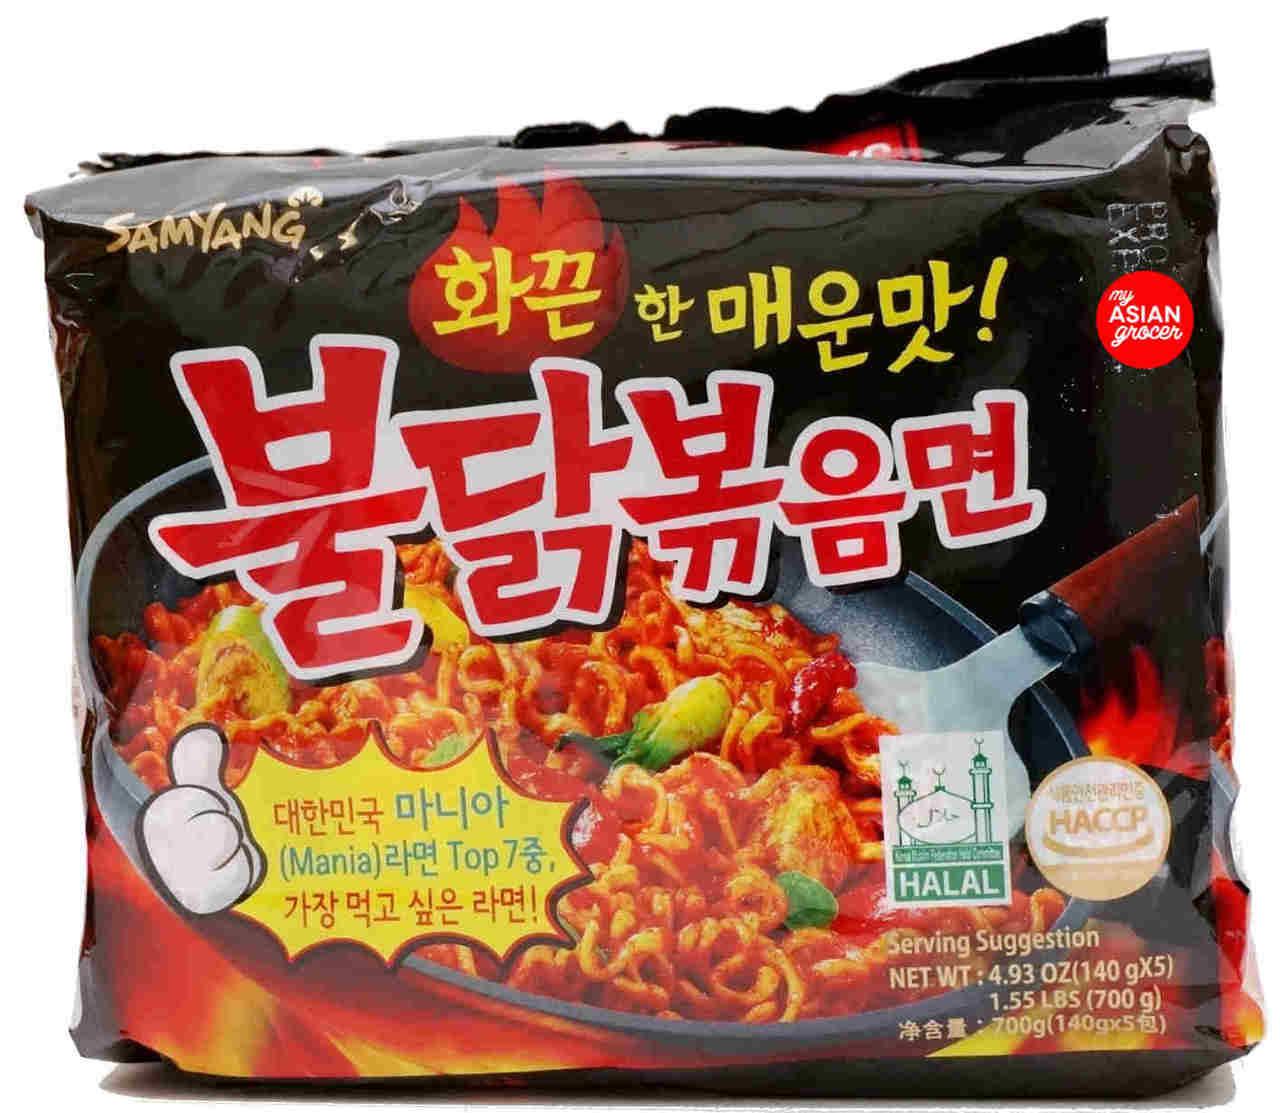 Samyang Spicy Chicken Ramen 140g x 5 Pack